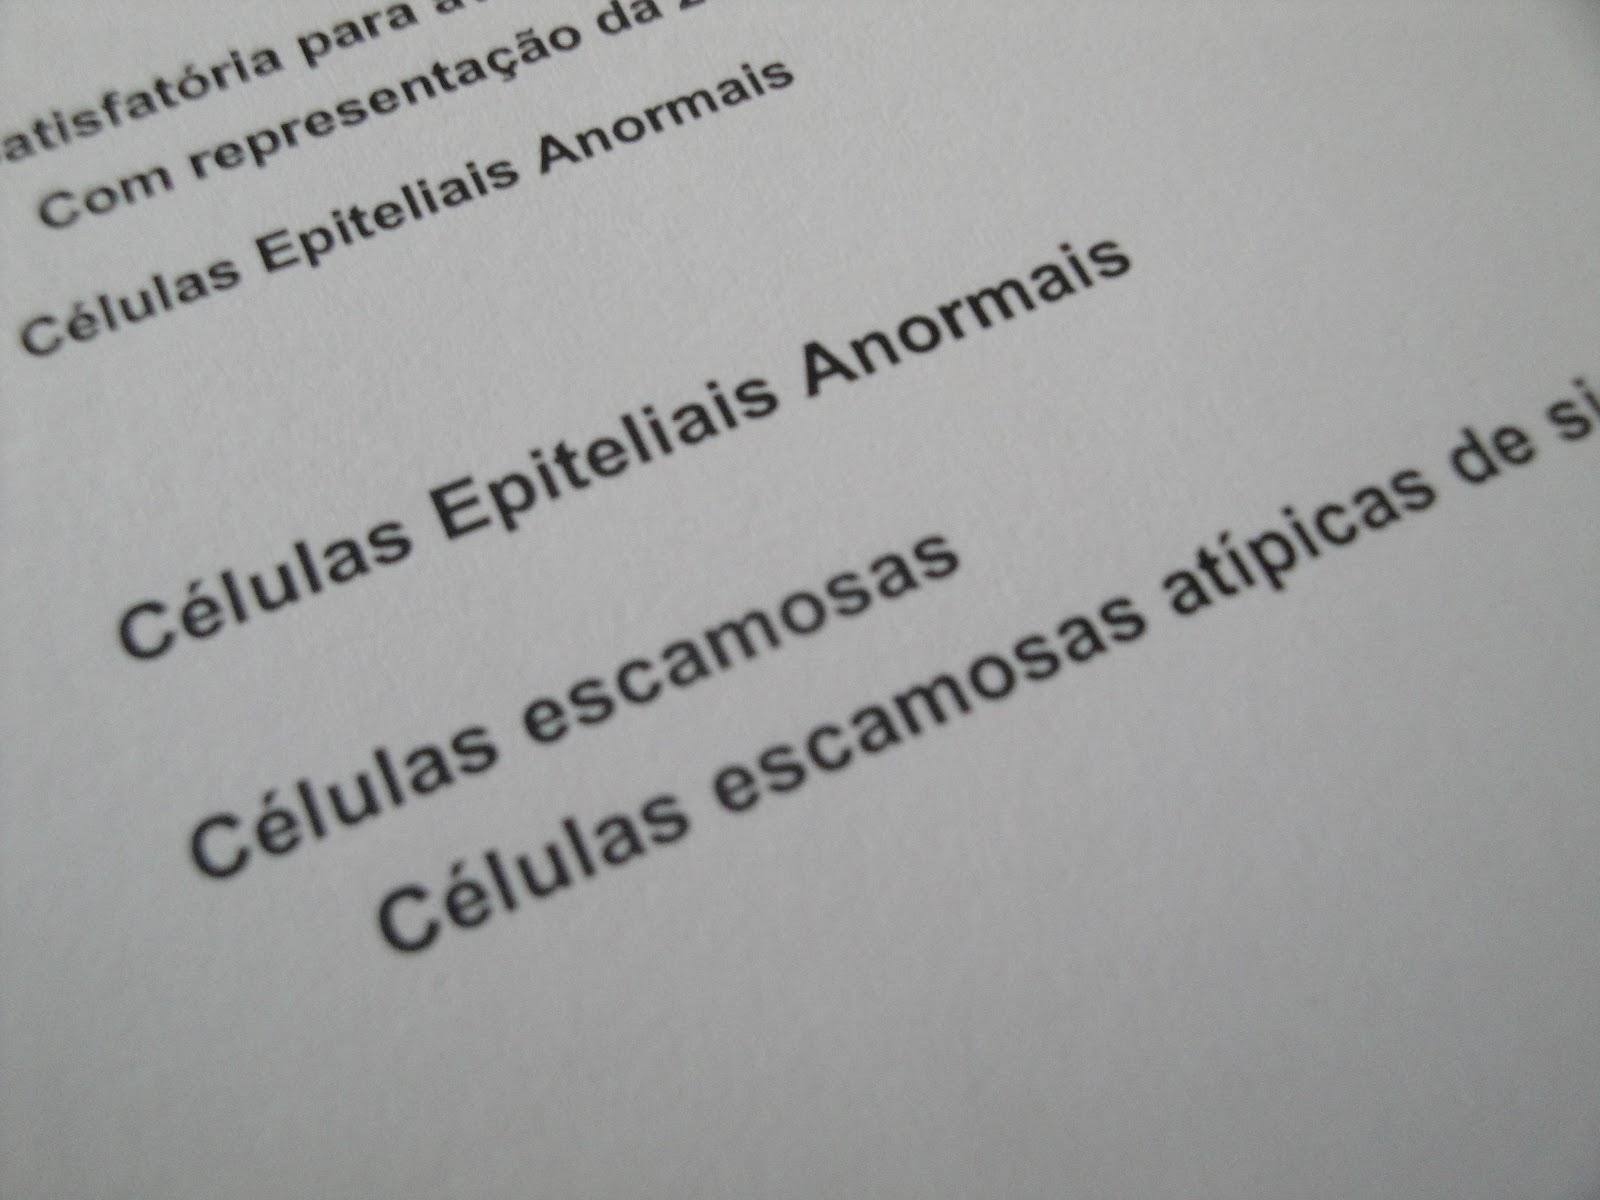 Exame de colpocitologia